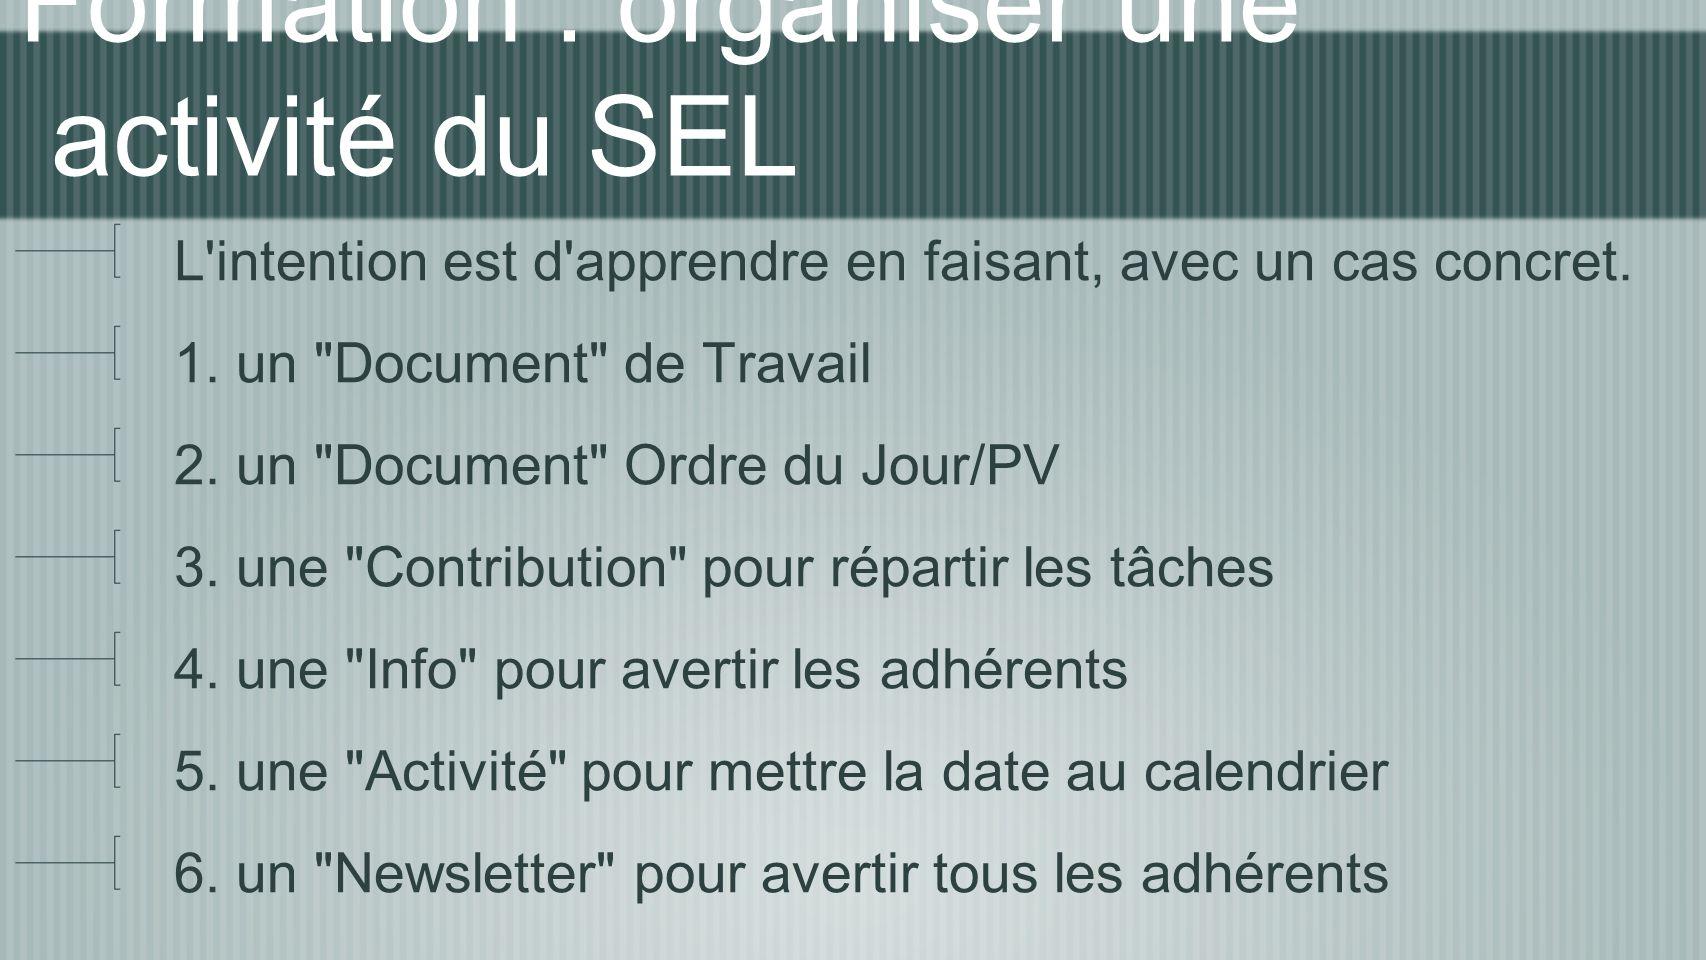 1. Afin de préparer le projet, nous allons créer un Document de travail